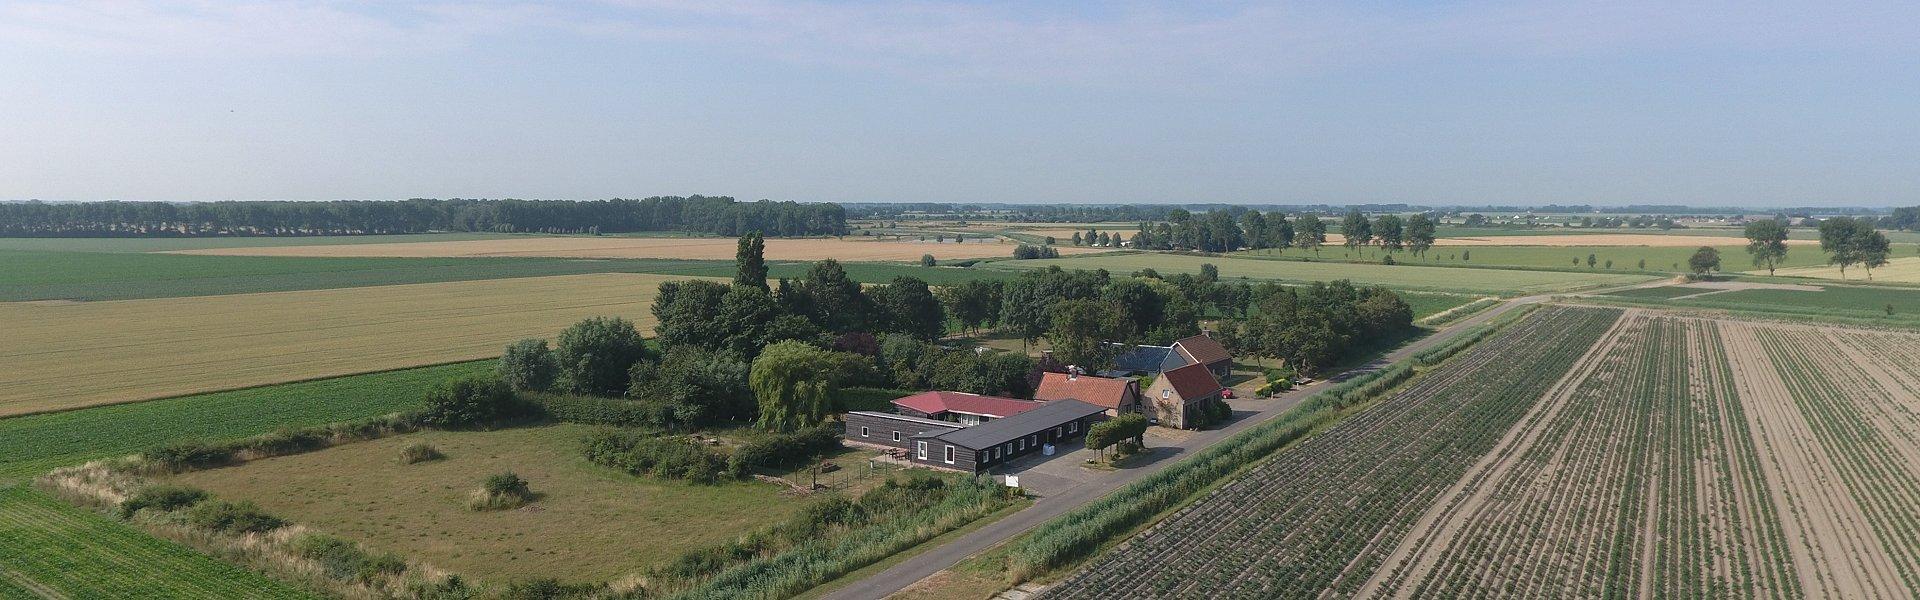 Kapelleweg1 Nieuwvliet